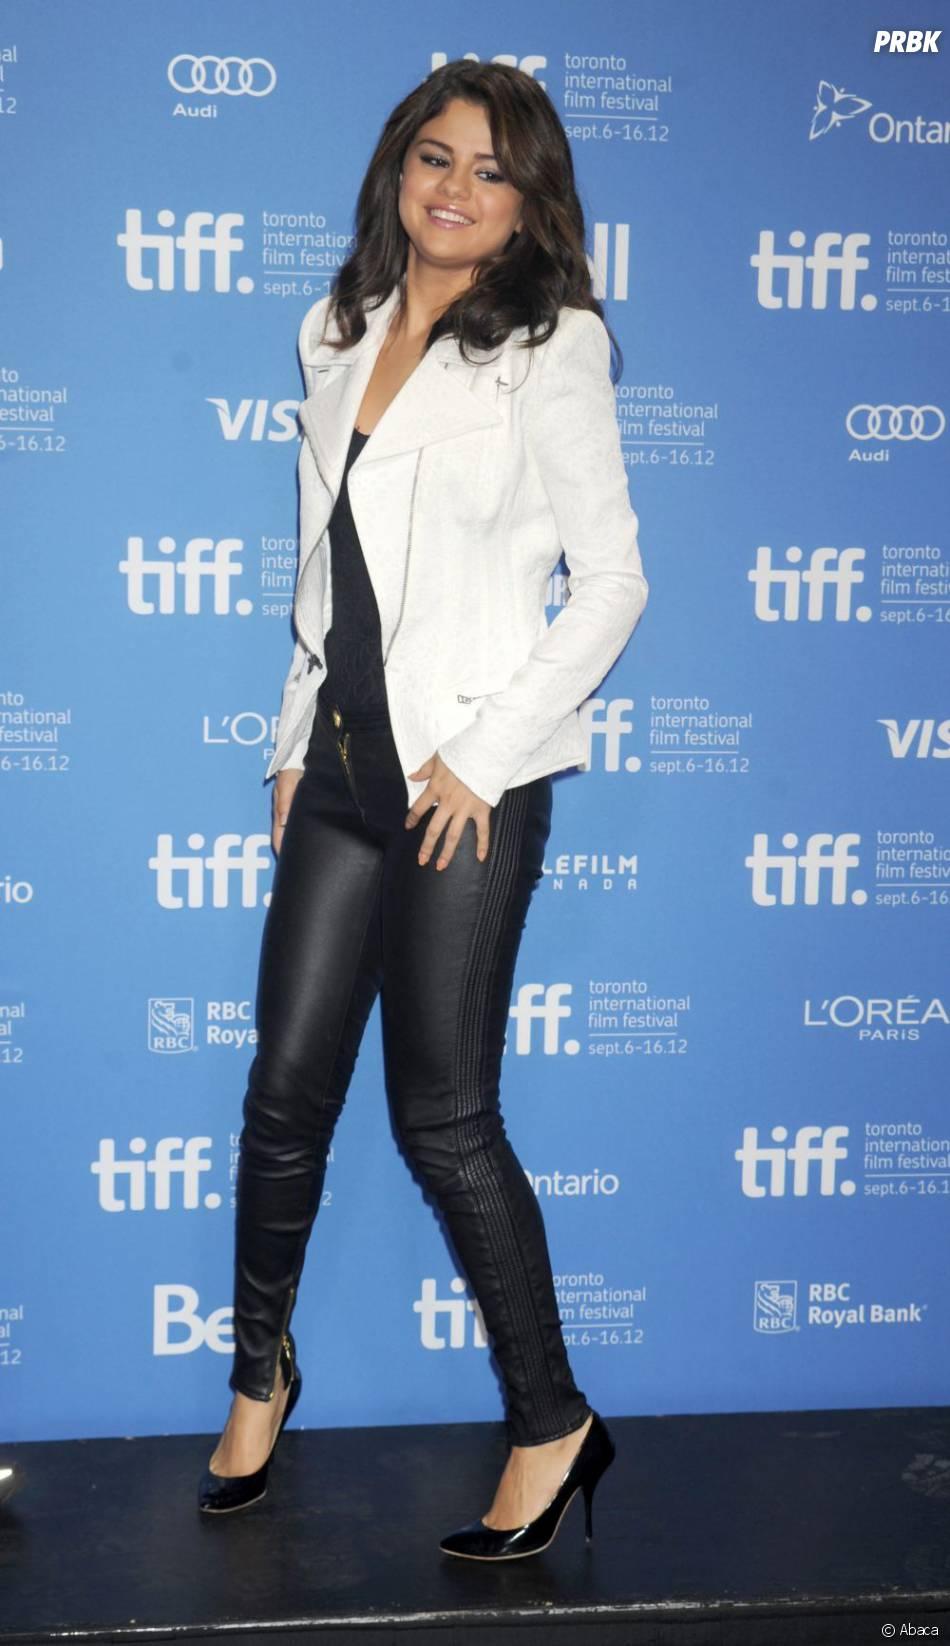 Le legging noir de Selena Gomez a affolé les paparazzis à Toronto